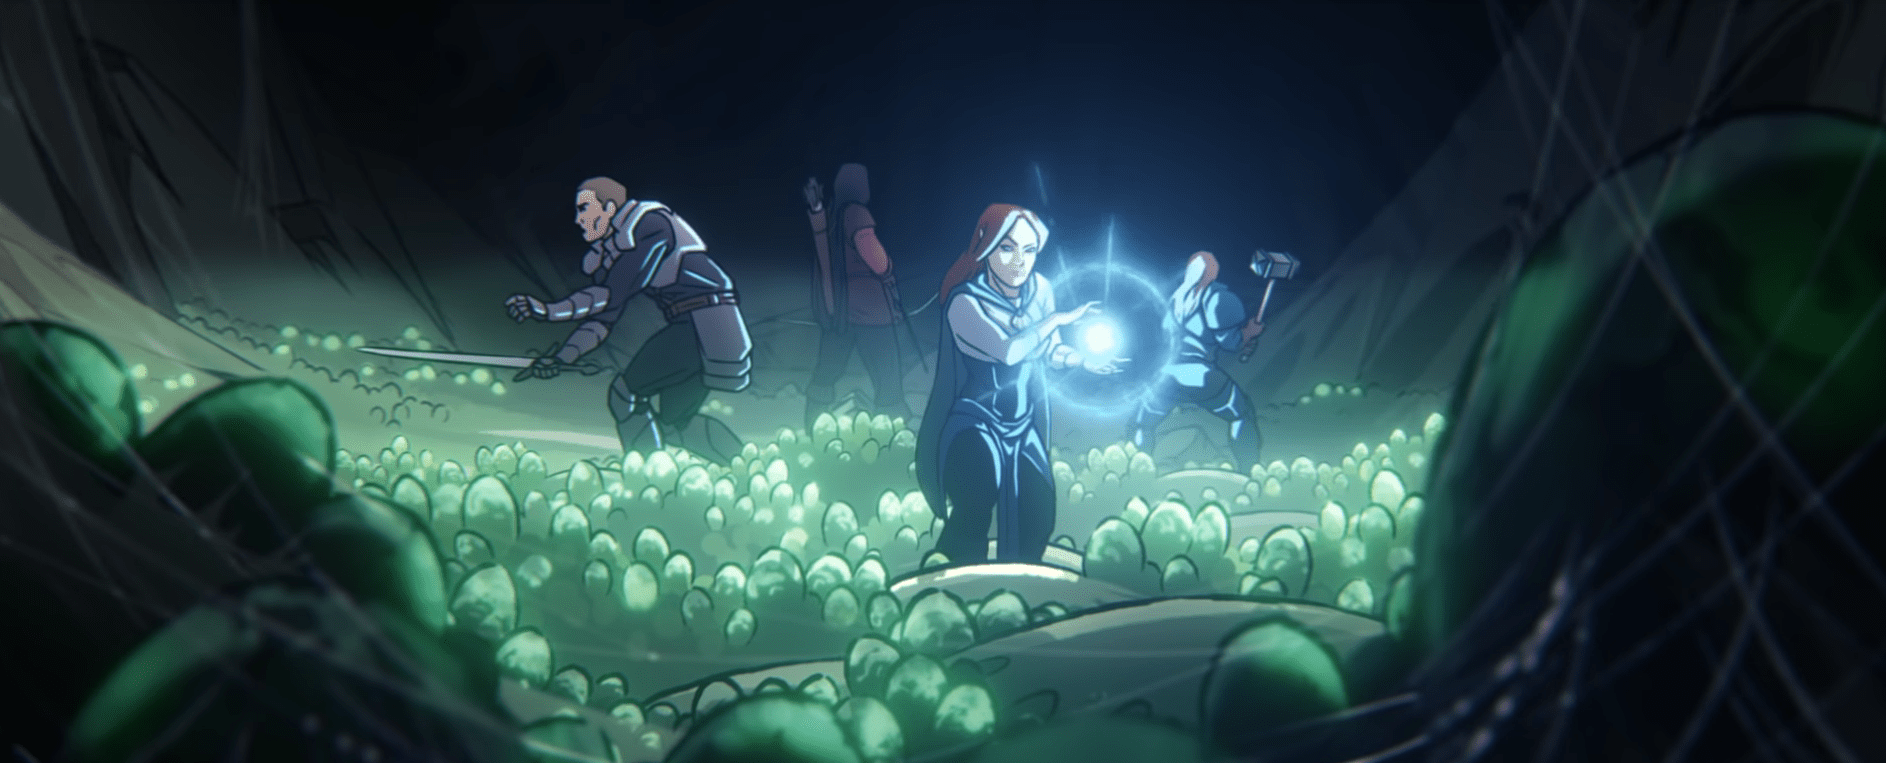 Один из авторов Endless Space и Endless Legend анонсировал ещё одну видеоигру по Dungeons & Dragons